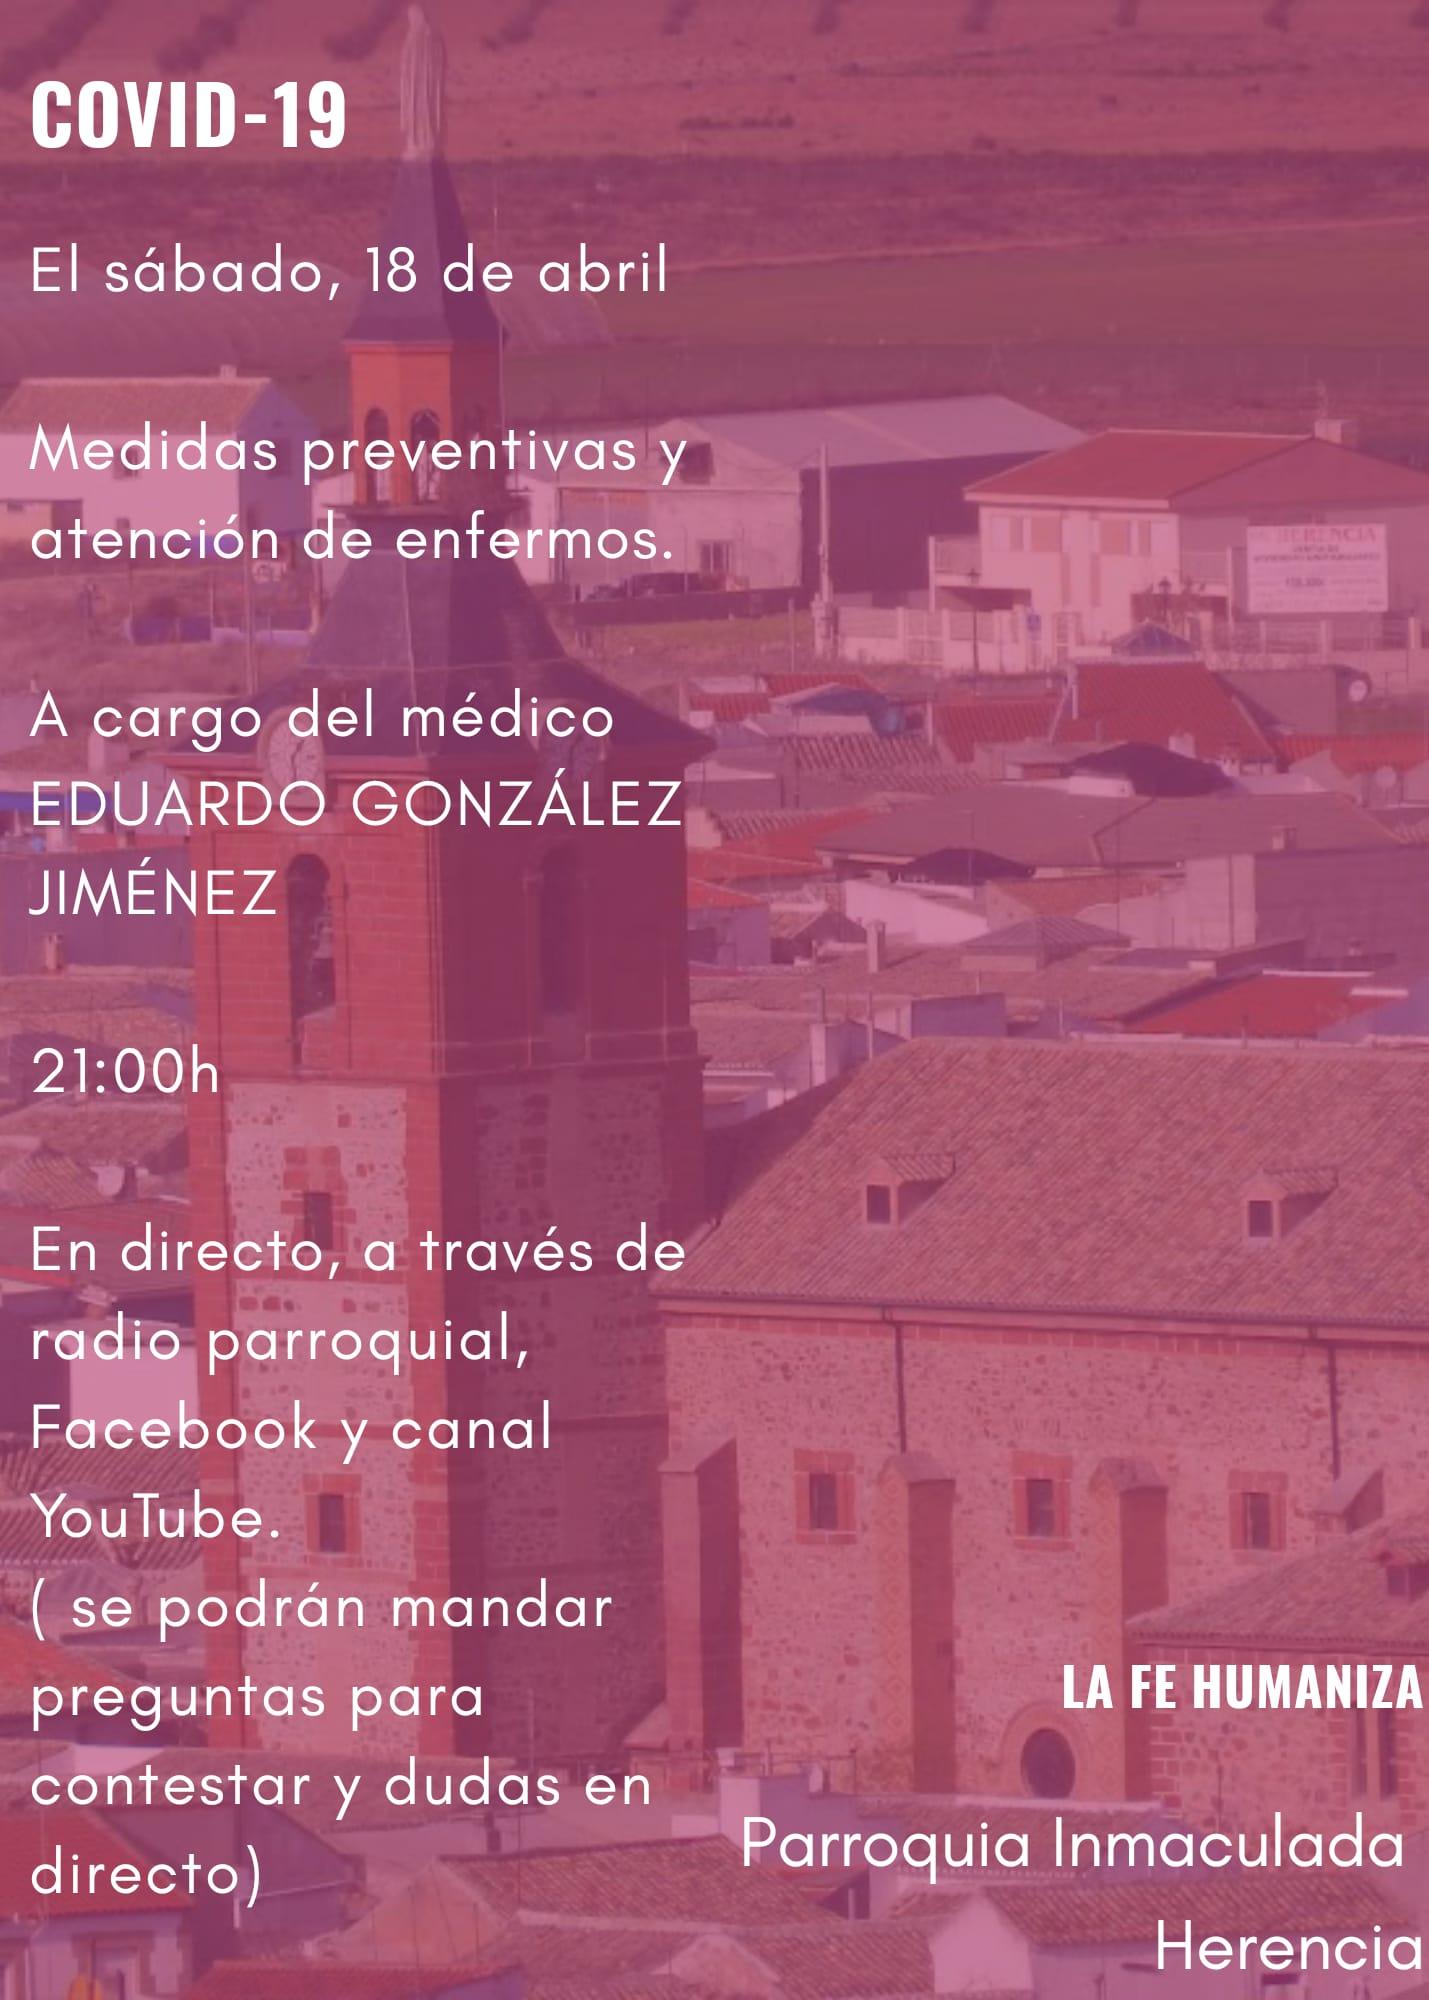 Charla sobre medidas preventivas y atenci%C3%B3n a enfermos - Charla sobre medidas preventivas y atención a enfermos de COVID-19 a cargo del médico Eduardo González